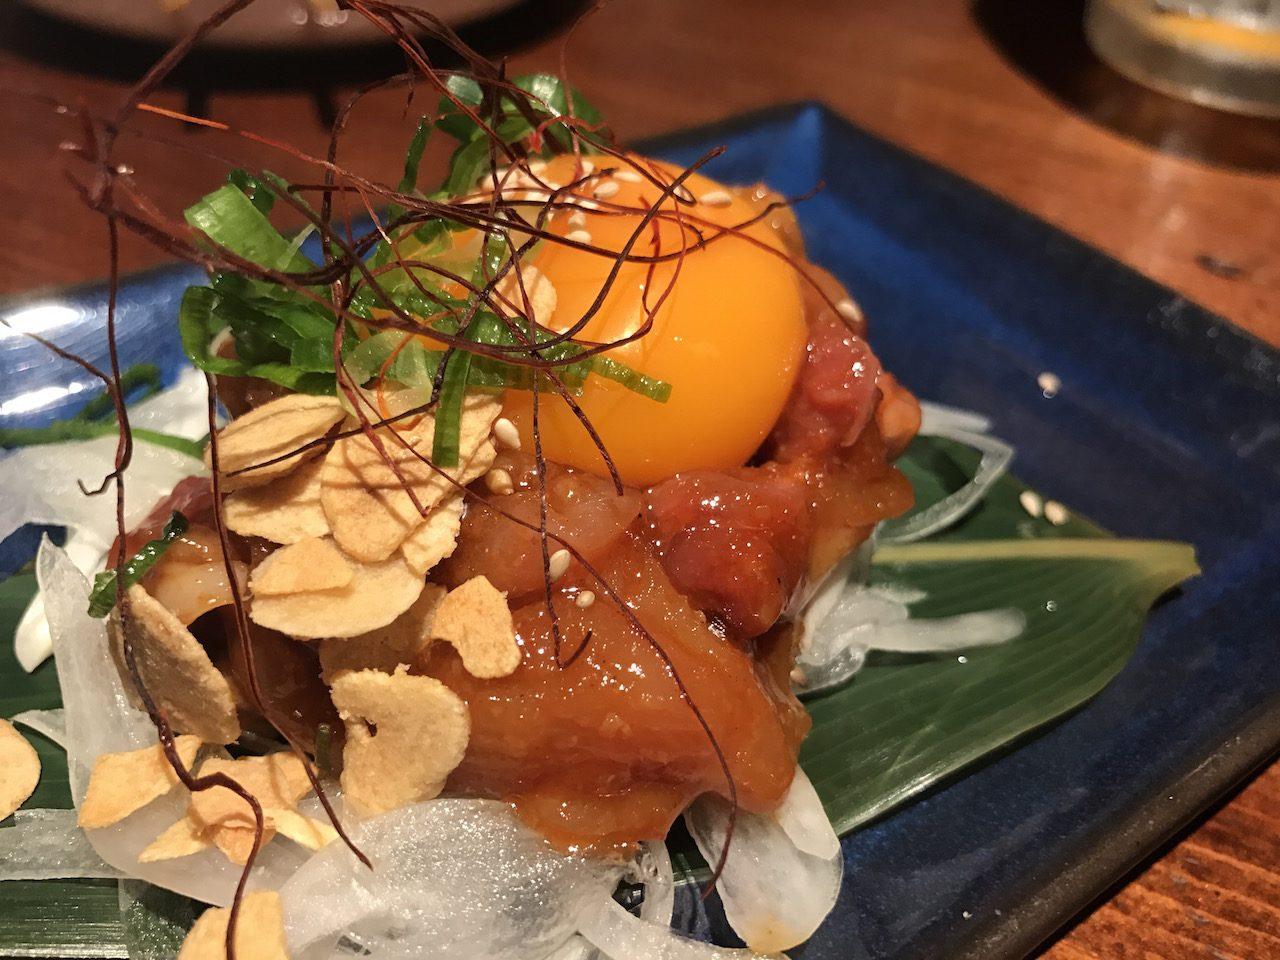 宮崎地鶏や焼鳥、馬刺しが食べたい時は山陽姫路駅からすぐの薩摩庵(現:ごて王 姫路駅前店)がおすすめ